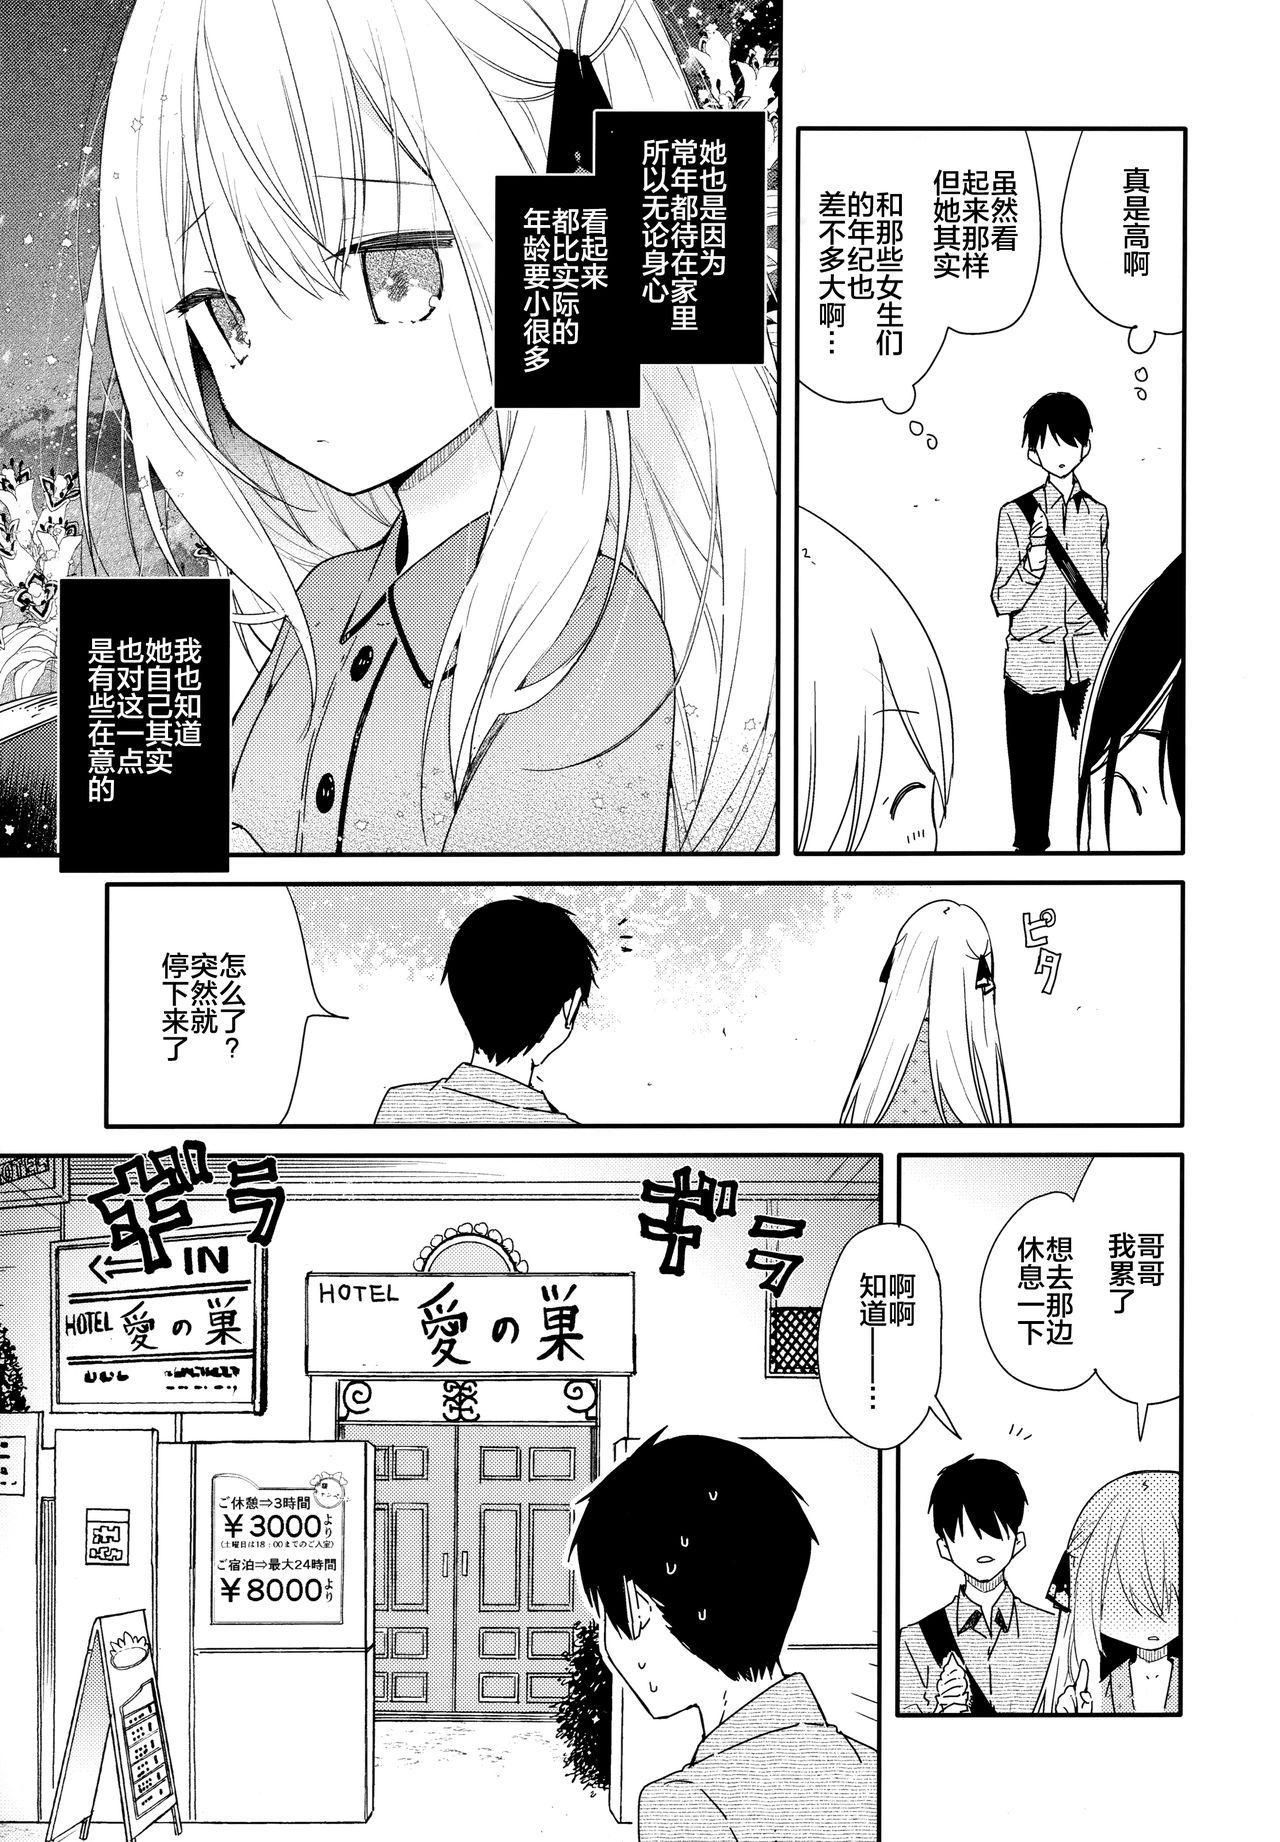 Tonari no Hakanage Shoujo to Hajimete Ecchi 6